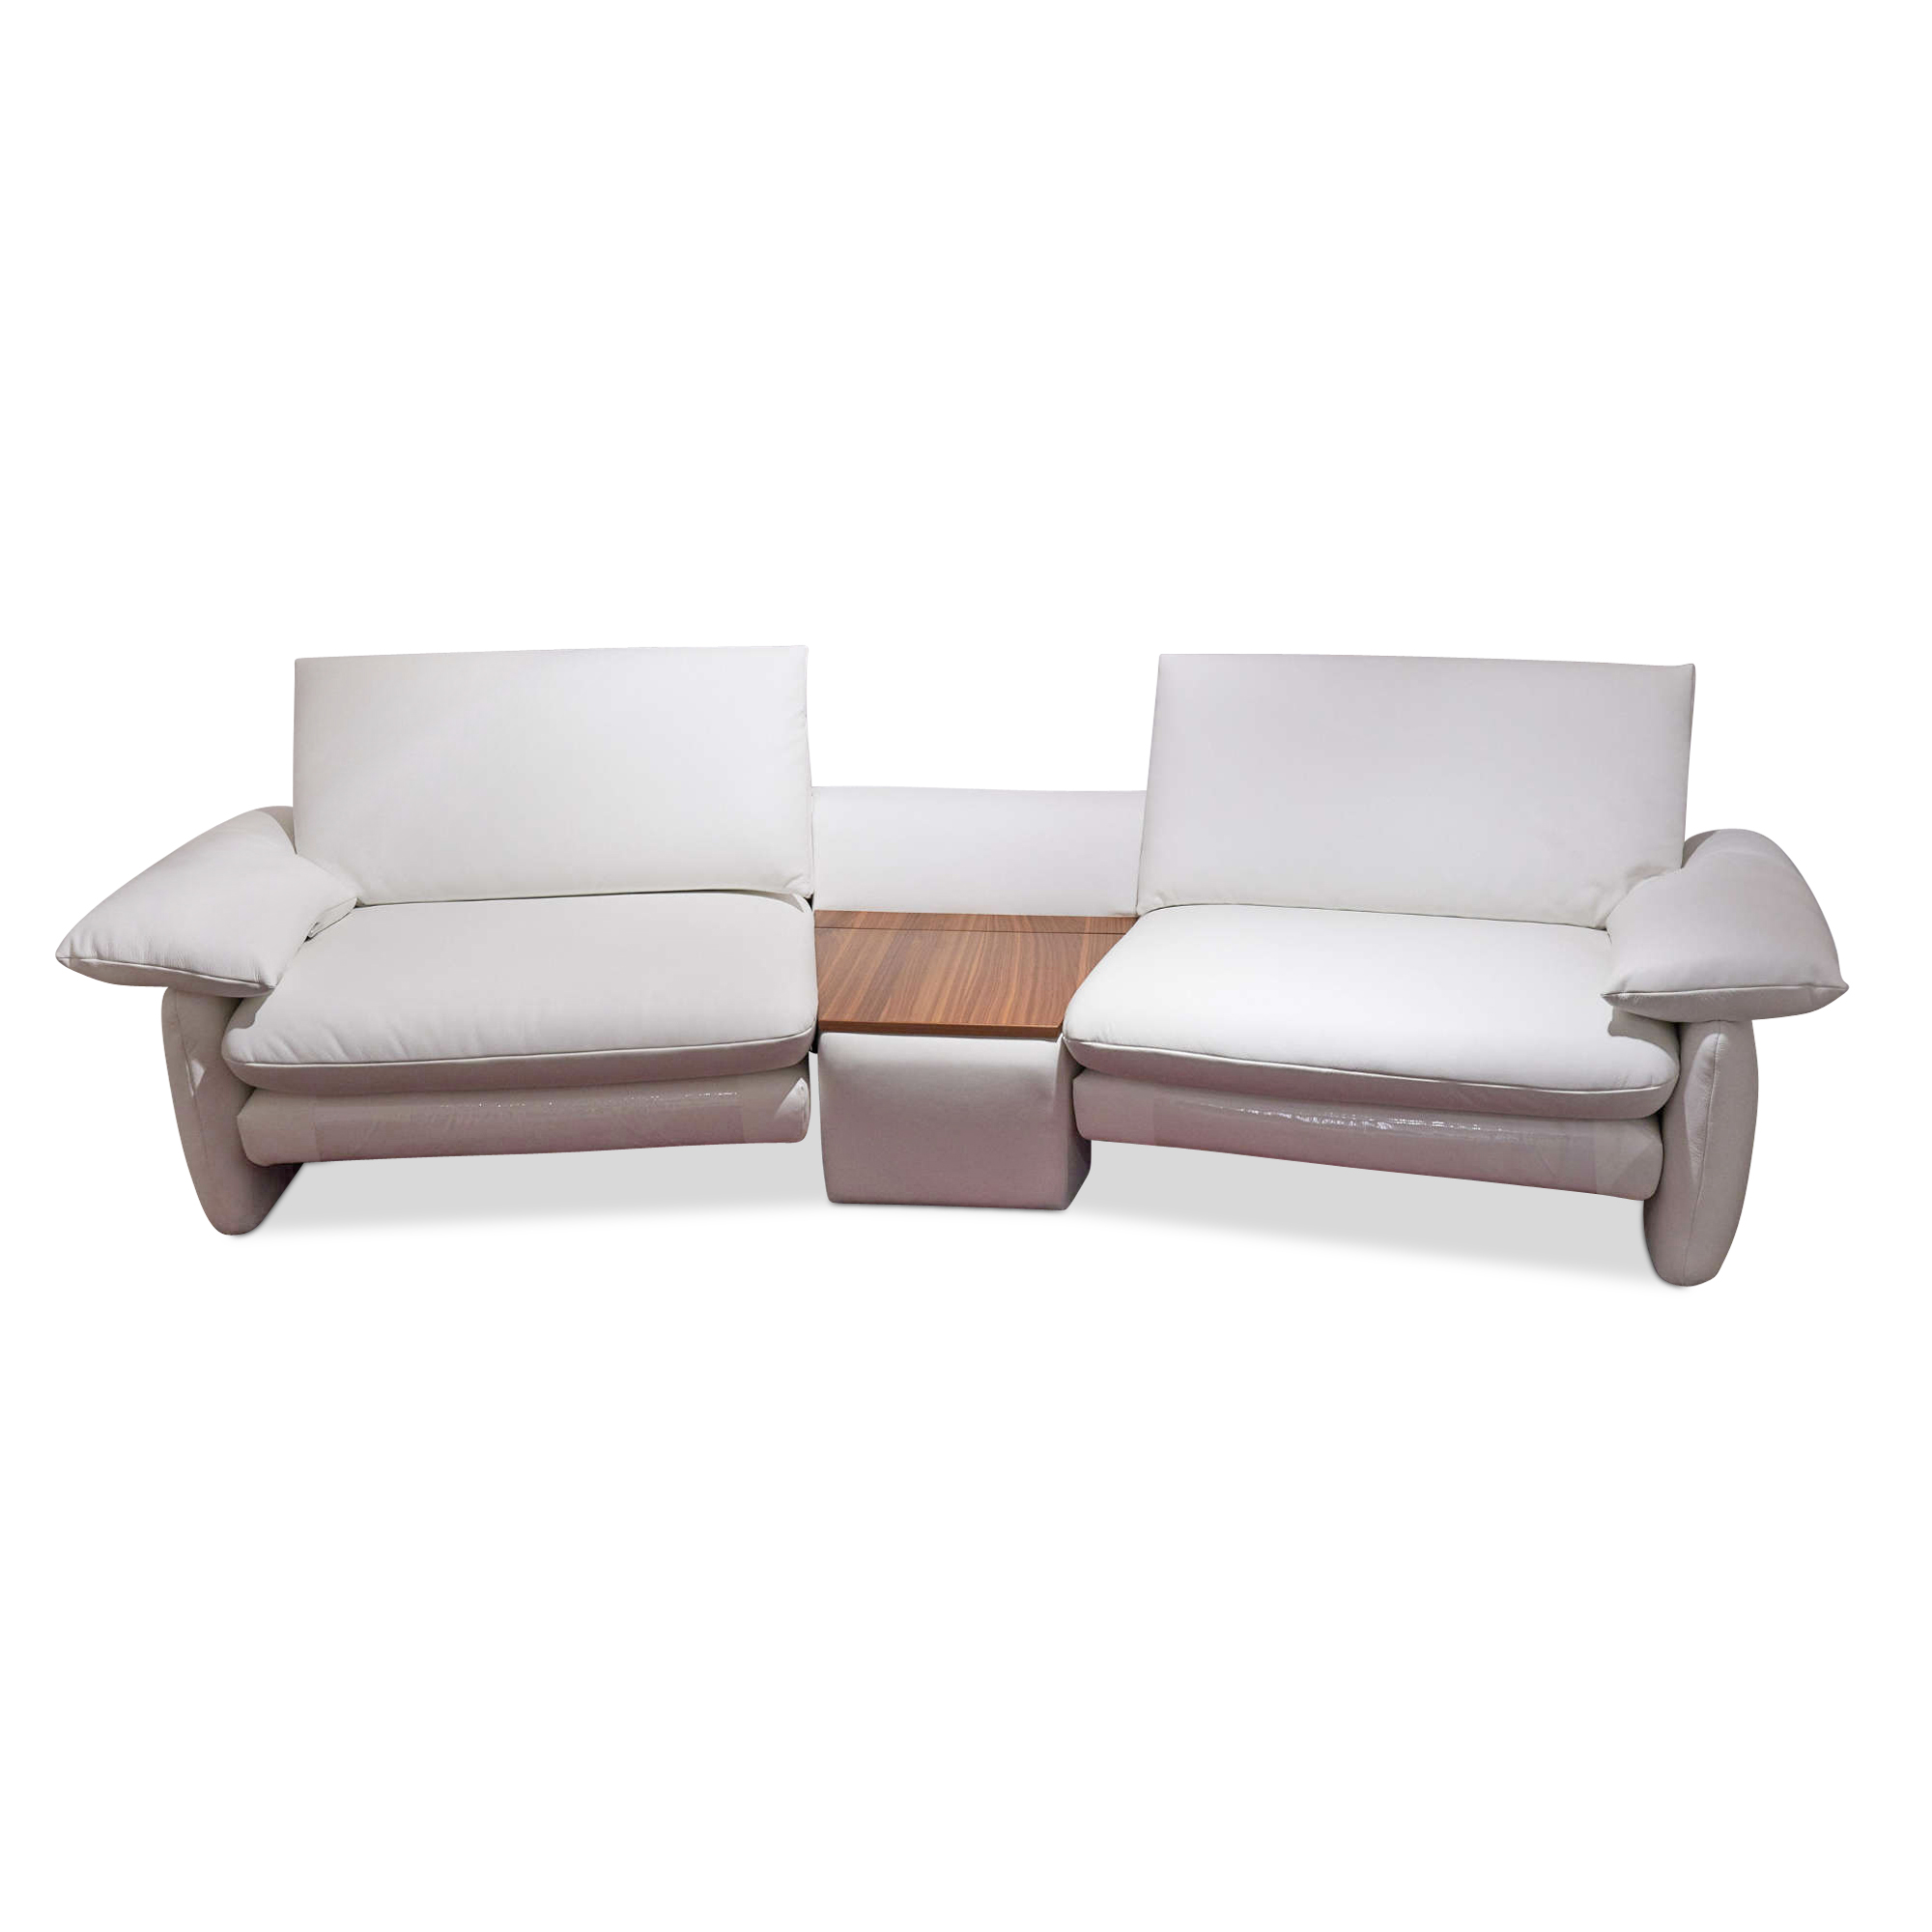 Full Size of Sofa Mit Relaxfunktion Elektrisch 3er Elektrischer Sitztiefenverstellung Couch Verstellbar Leder 3 Sitzer Zweisitzer 2 5 2er Test Ecksofa Elektrische Cosima Sofa Sofa Mit Relaxfunktion Elektrisch